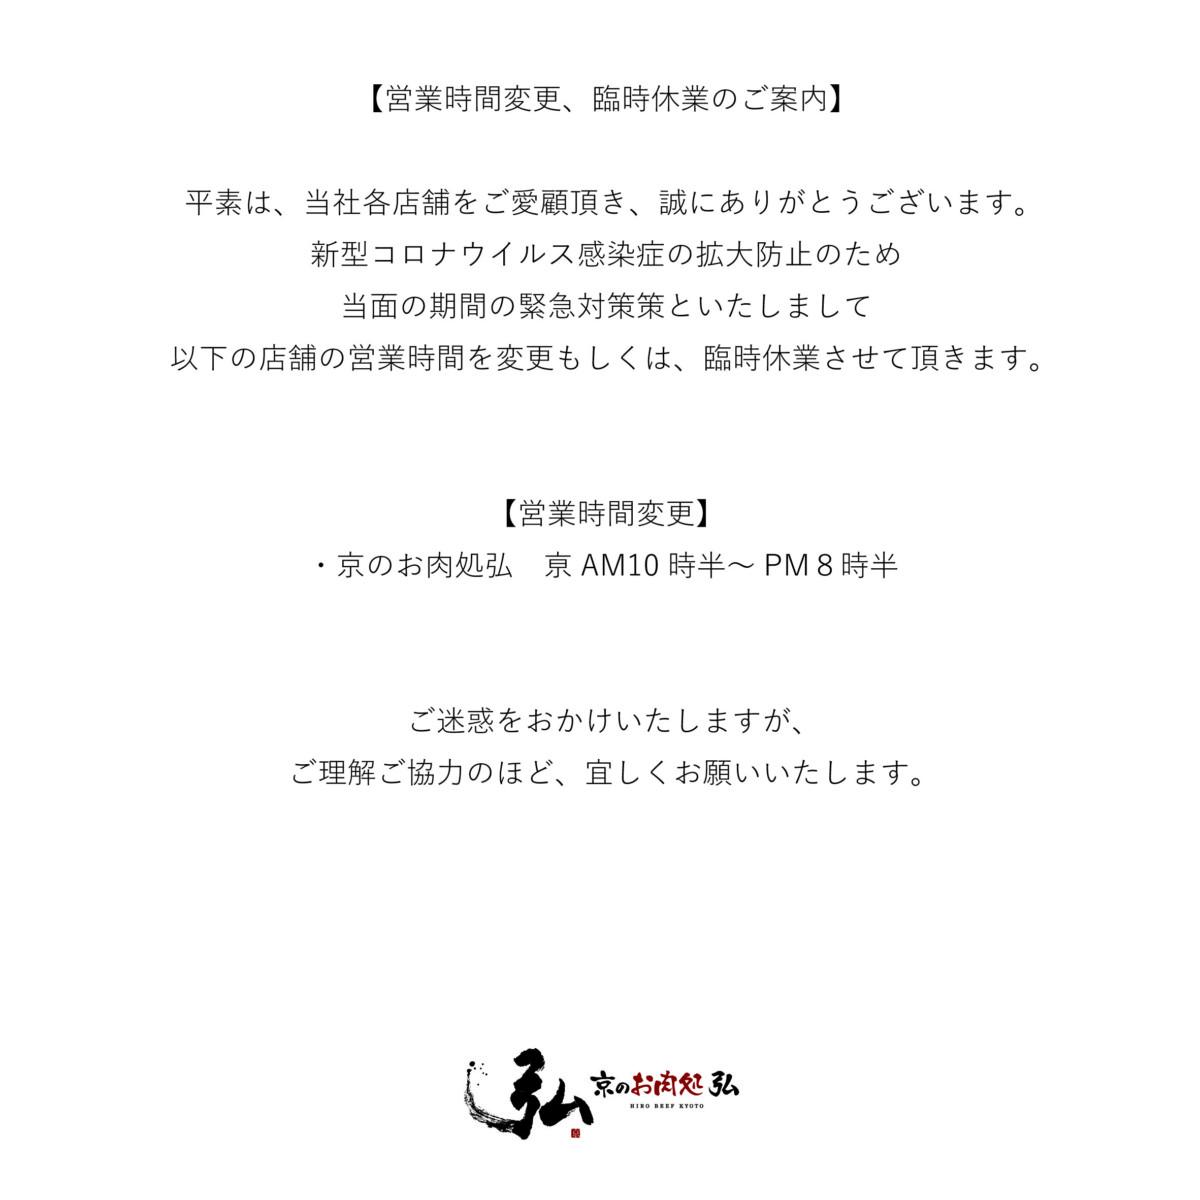 京のお肉処弘_亰店_営業時間変更のお知らせ